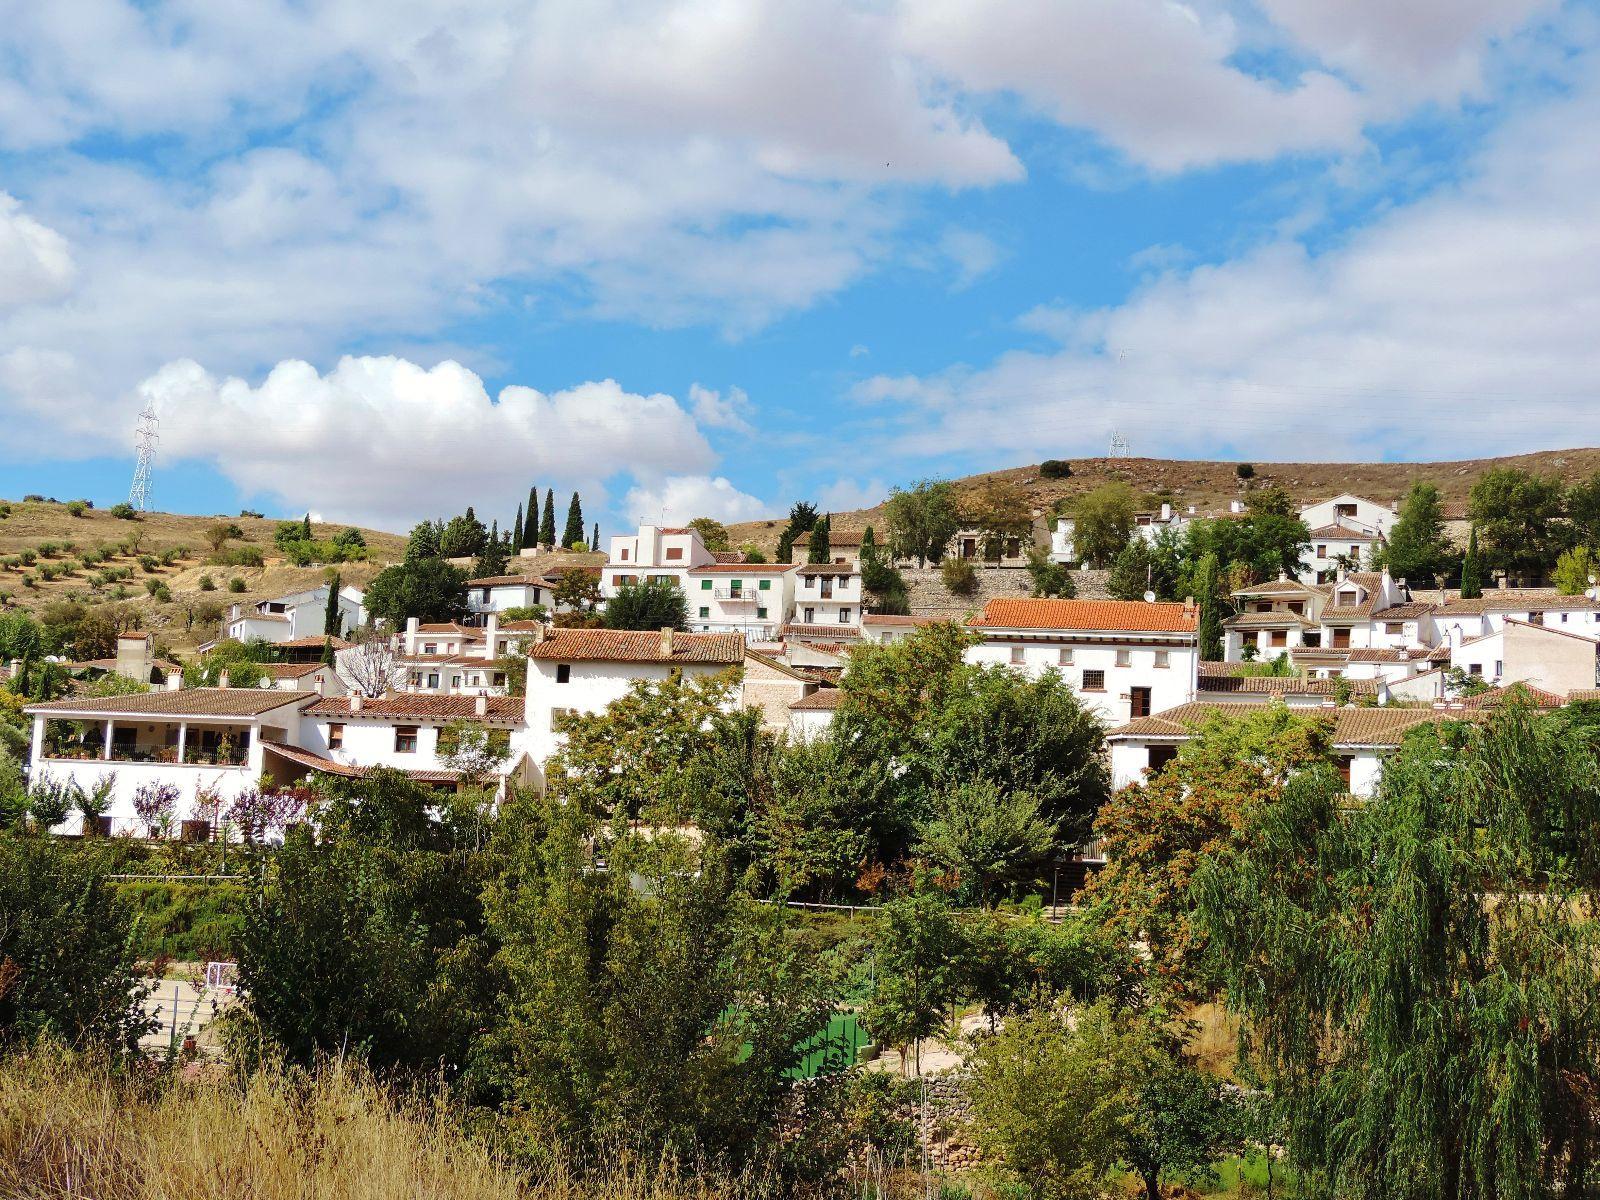 Opiniones sobre olmeda de las fuentes for Olmeda de las fuentes casas